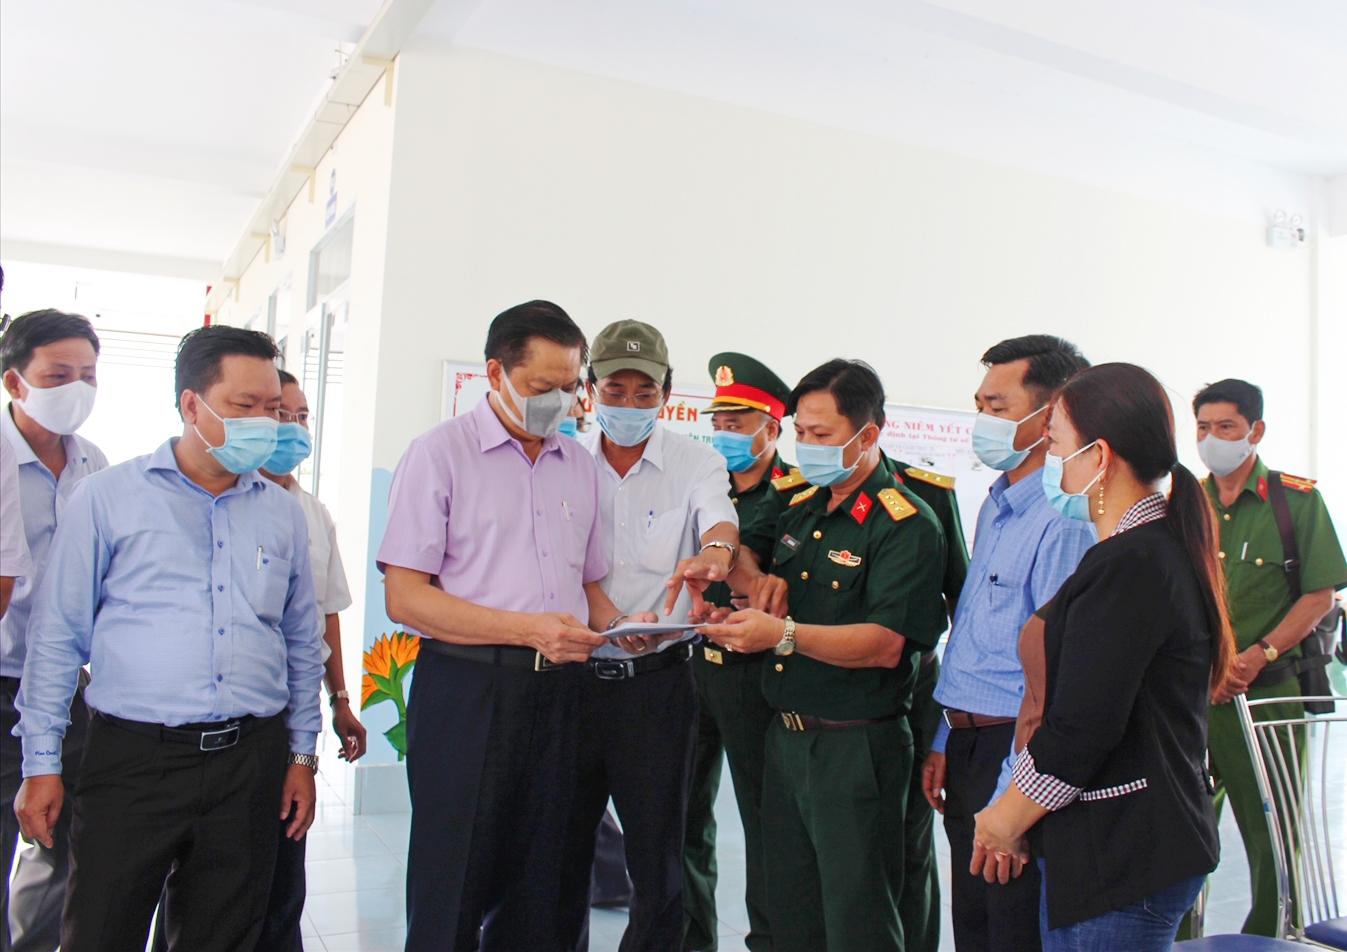 Ông Dương Tấn Hiển, Phó Chủ tịch UBND TP. Cần Thơ (áo tím) Kiểm tra thực tế tại Trường Tiểu học Phú Thứ 3